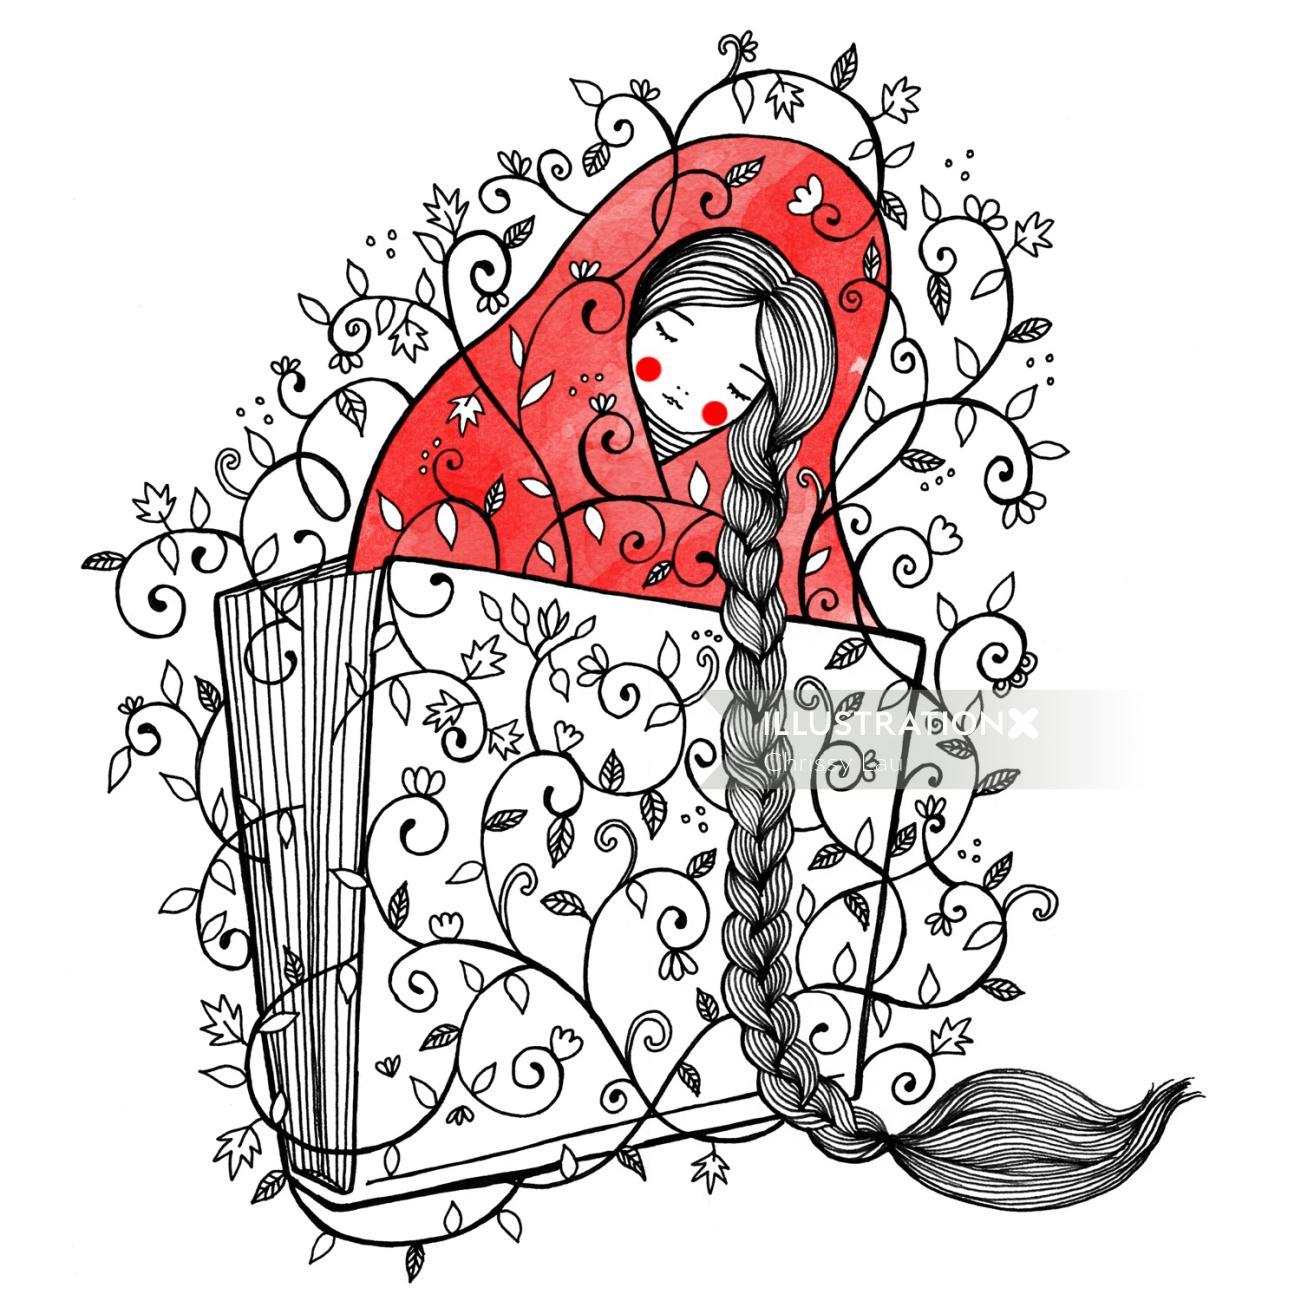 Line illustration of women in pattern